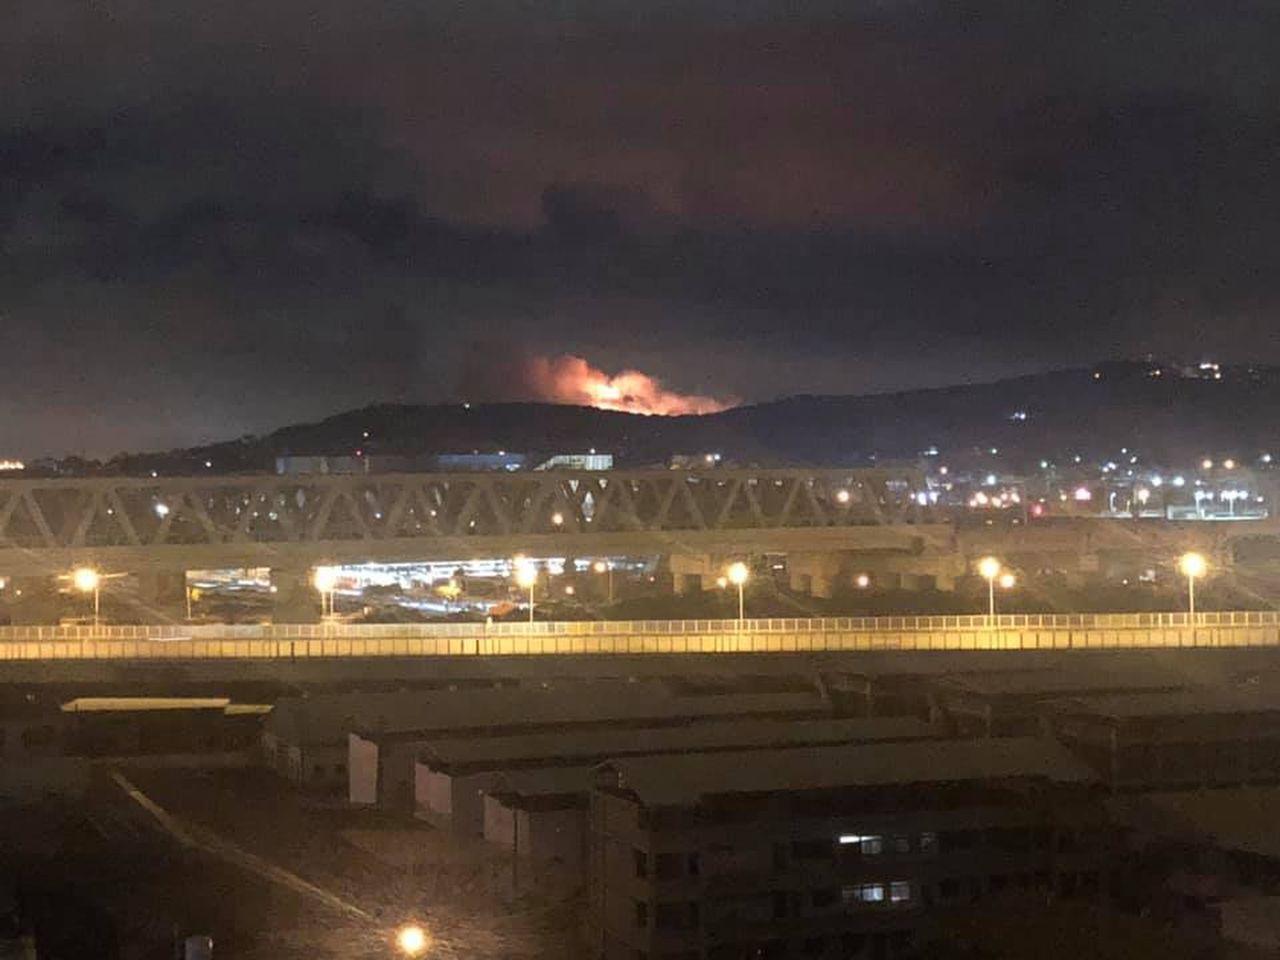 昨天深夜有网友发现,台中市大肚山大肚区王田油库对面山坡发生火警,将照片PO在脸书...